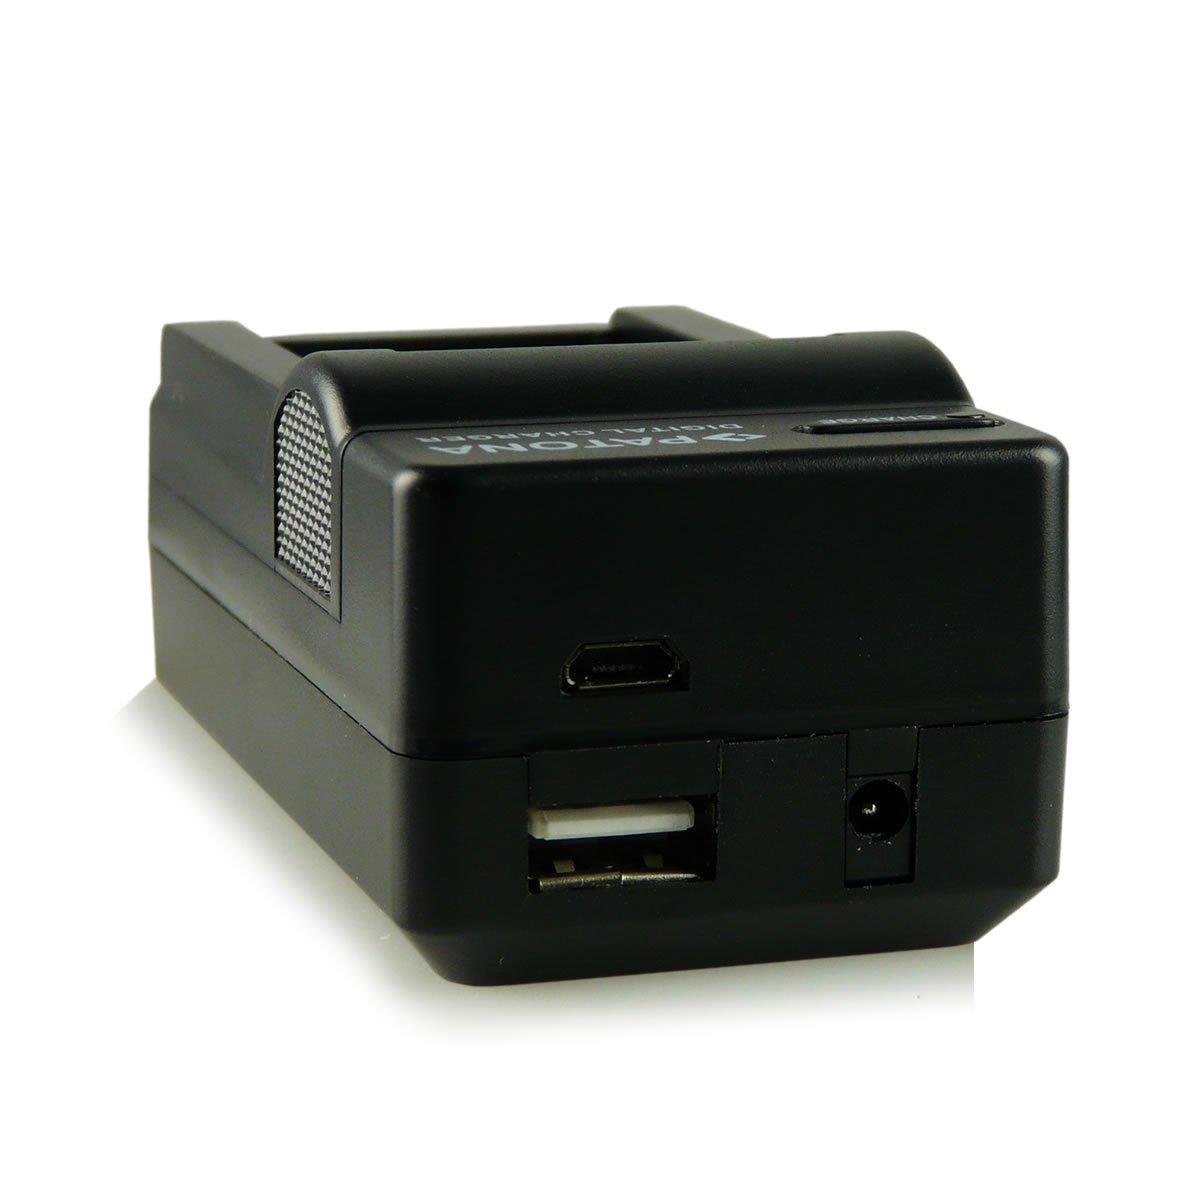 Bundle Bater/ía LP-E10 para Canon EOS 1100D EOS 1200D EOS 1300D EOS Rebel T3 EOS Rebel T5 EOS Rebel T6 EOS Kiss X50 EOS Kiss X70 EOS Kiss X80 4en1 Cargador